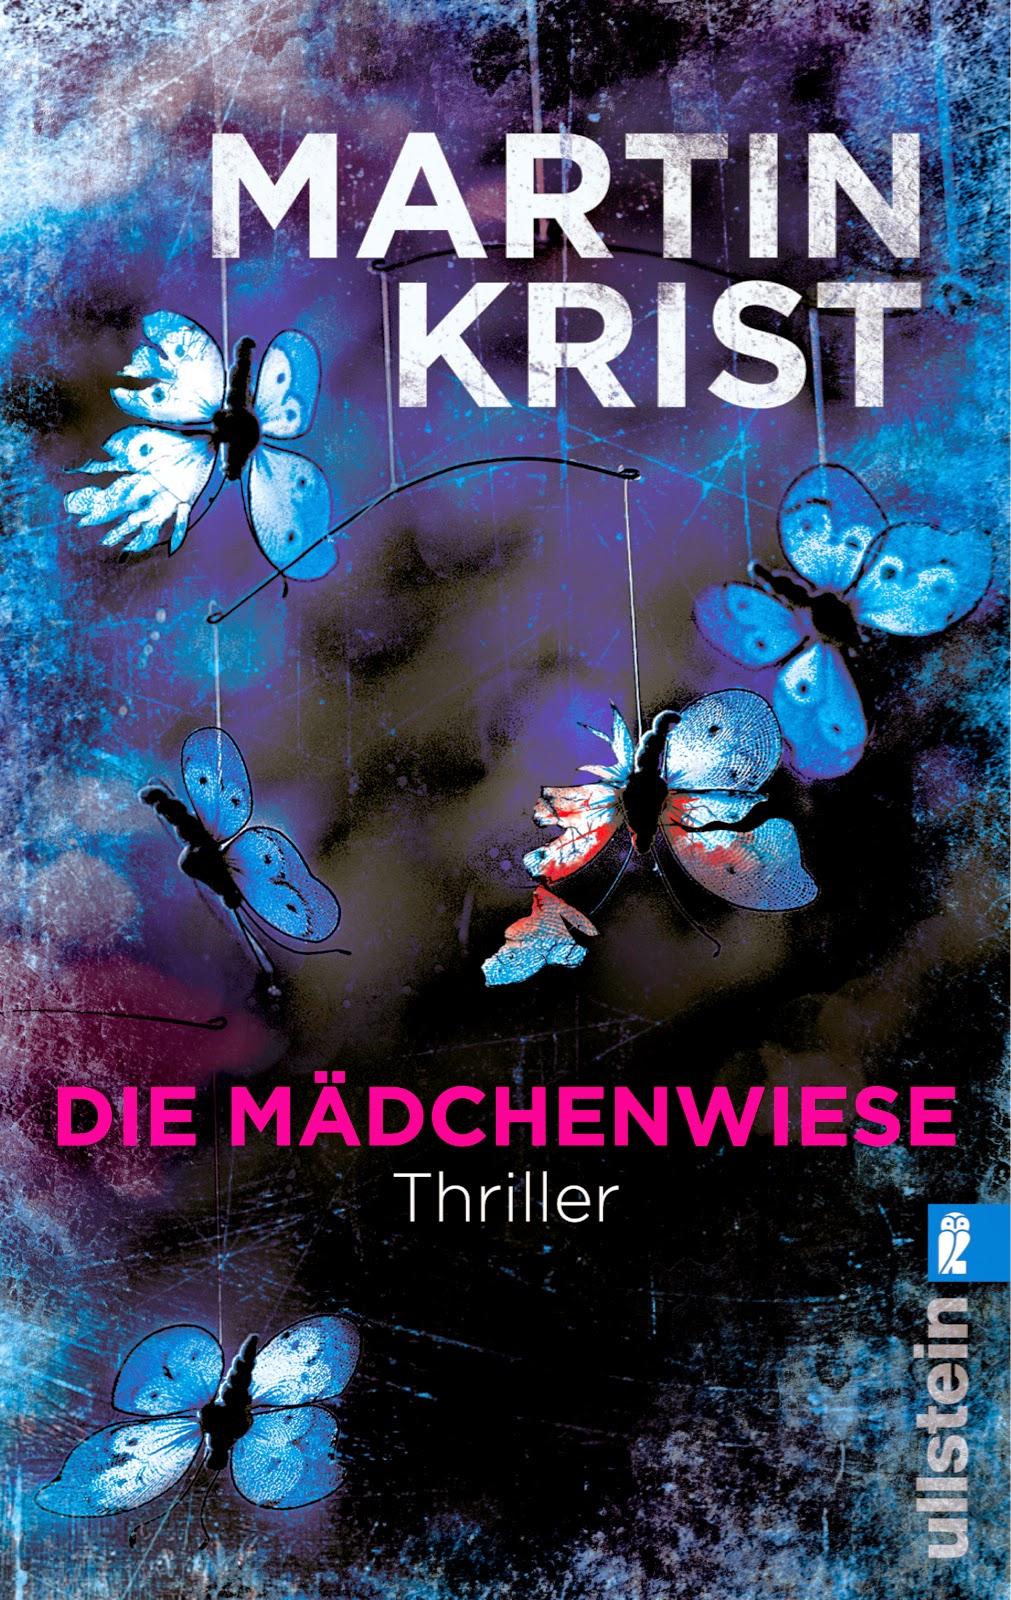 http://www.amazon.de/Die-M%C3%A4dchenwiese-Thriller-Martin-Krist/dp/3548283535/ref=tmm_pap_title_0?ie=UTF8&qid=1399921425&sr=1-1